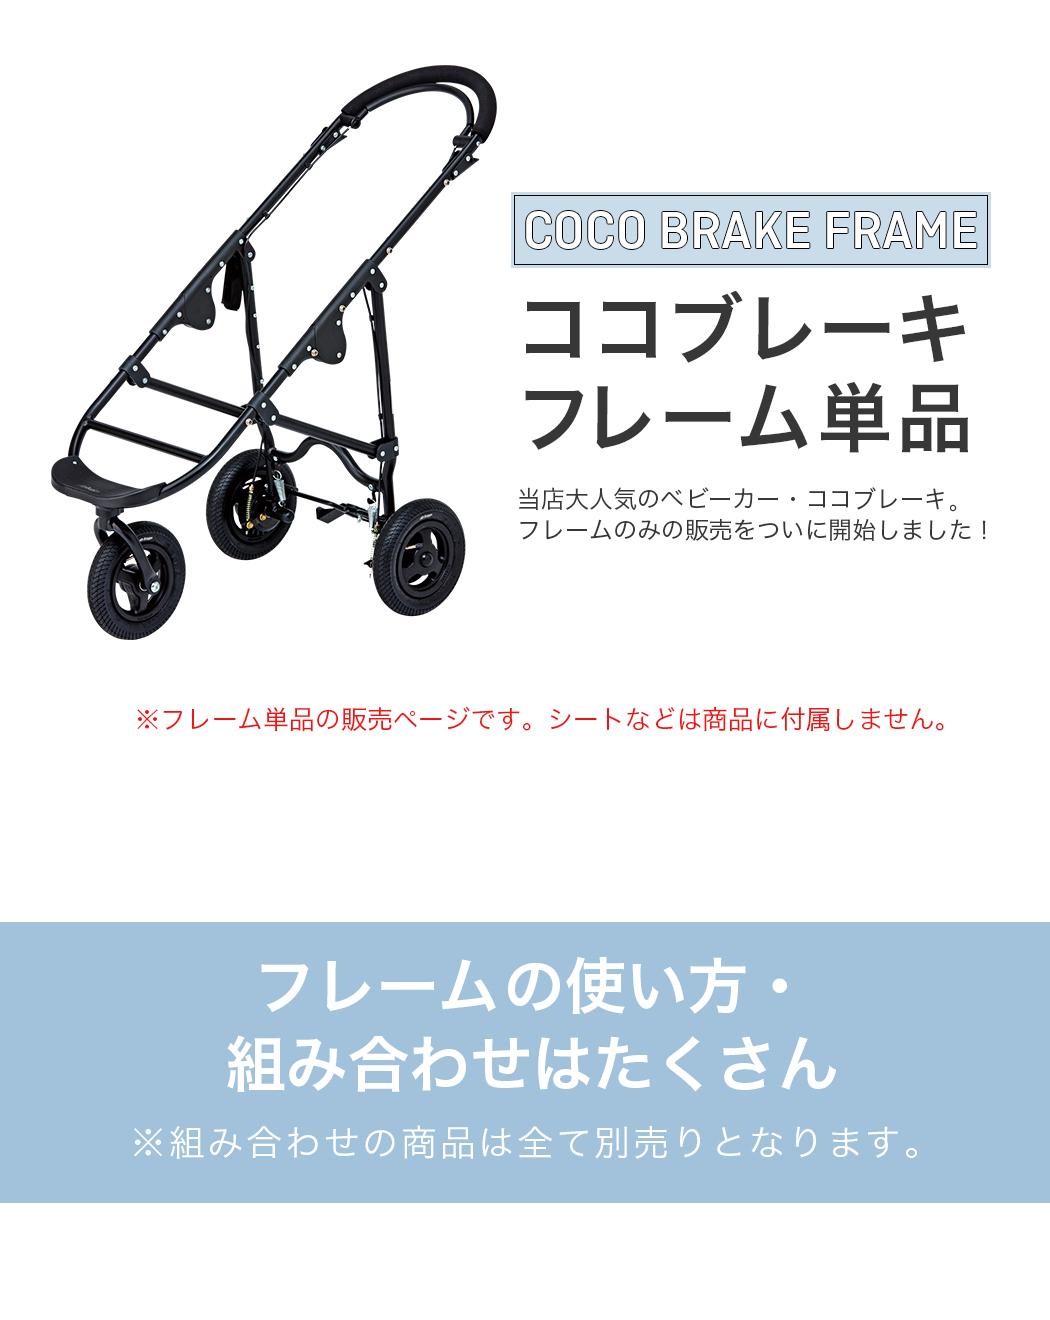 エアバギーのフレーム単品販売の商品ページ1